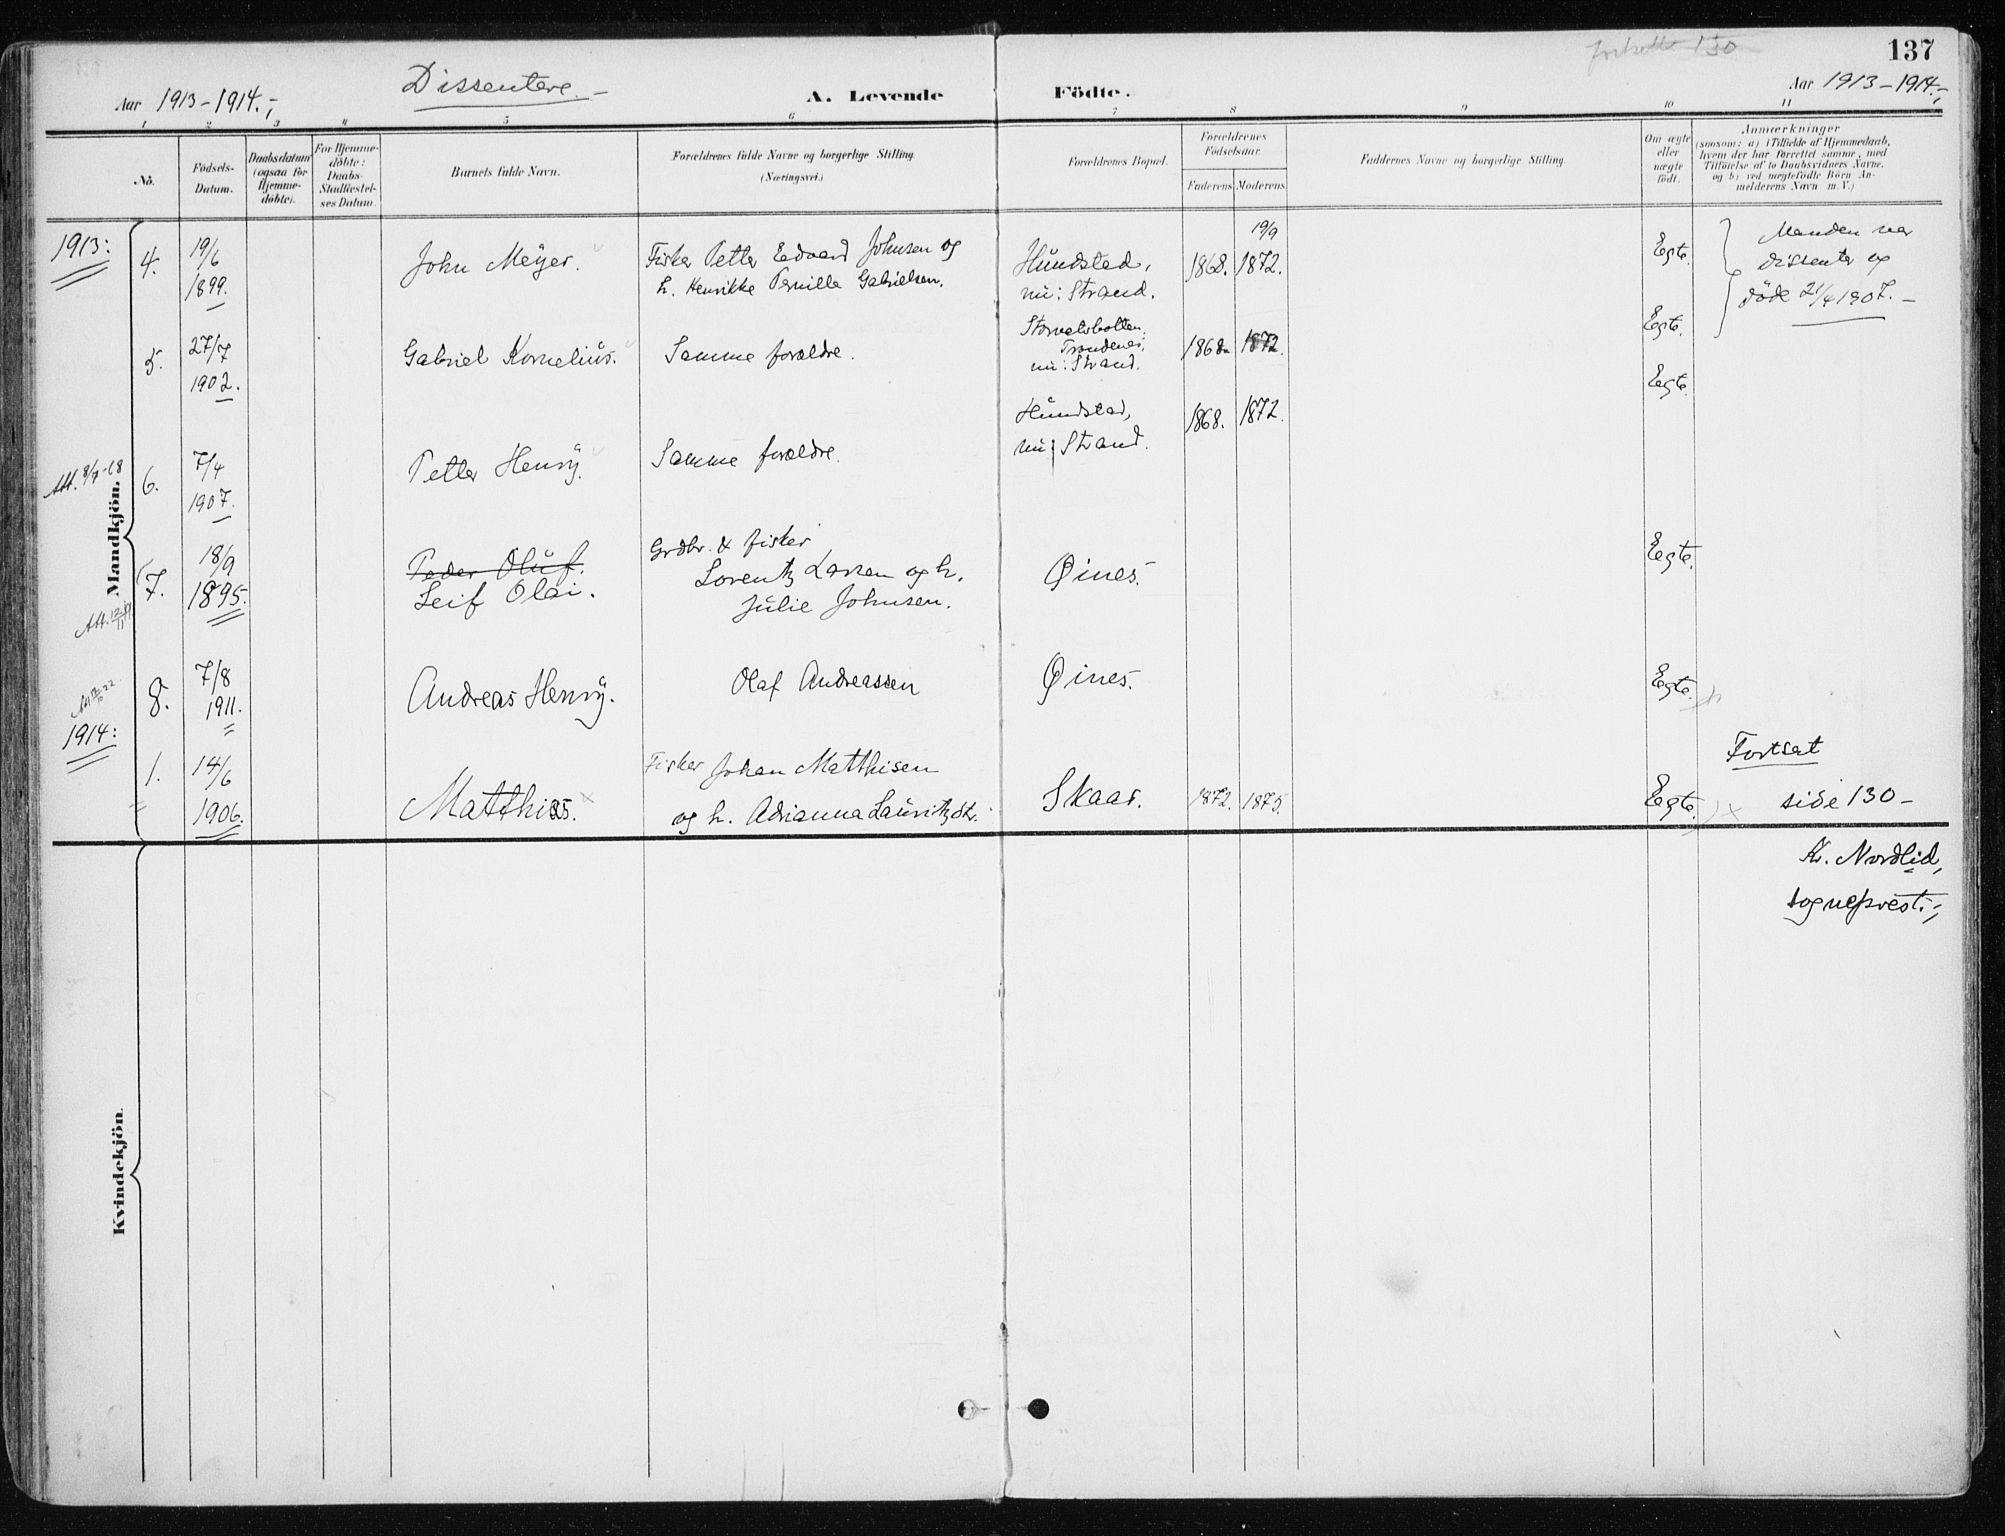 SATØ, Kvæfjord sokneprestkontor, G/Ga/Gaa/L0006kirke: Ministerialbok nr. 6, 1895-1914, s. 137